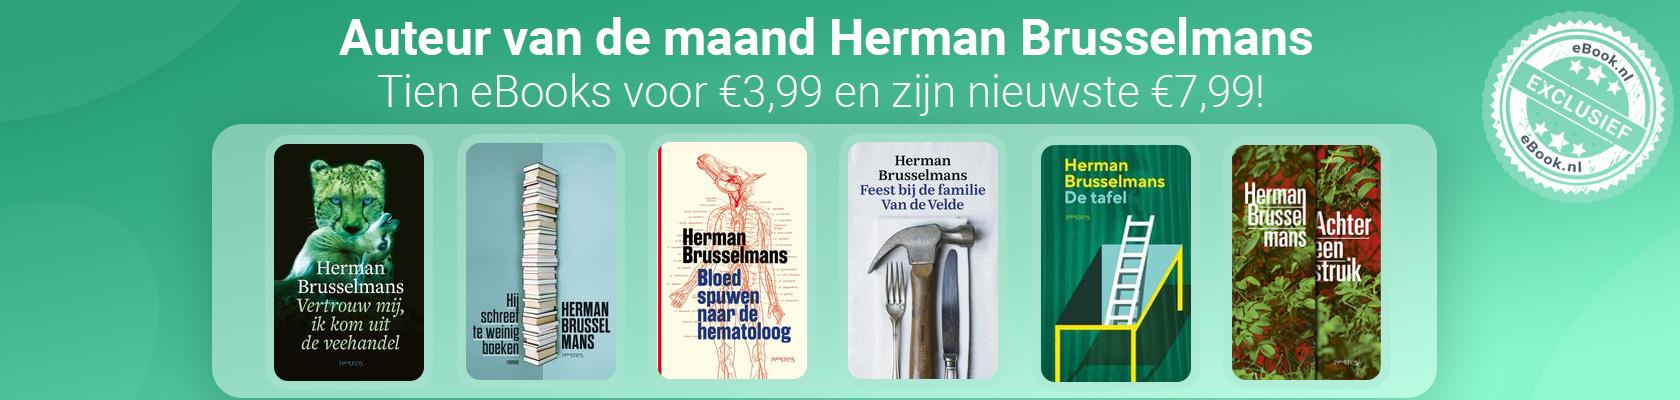 Auteur van de maand: Herman Brusselmans